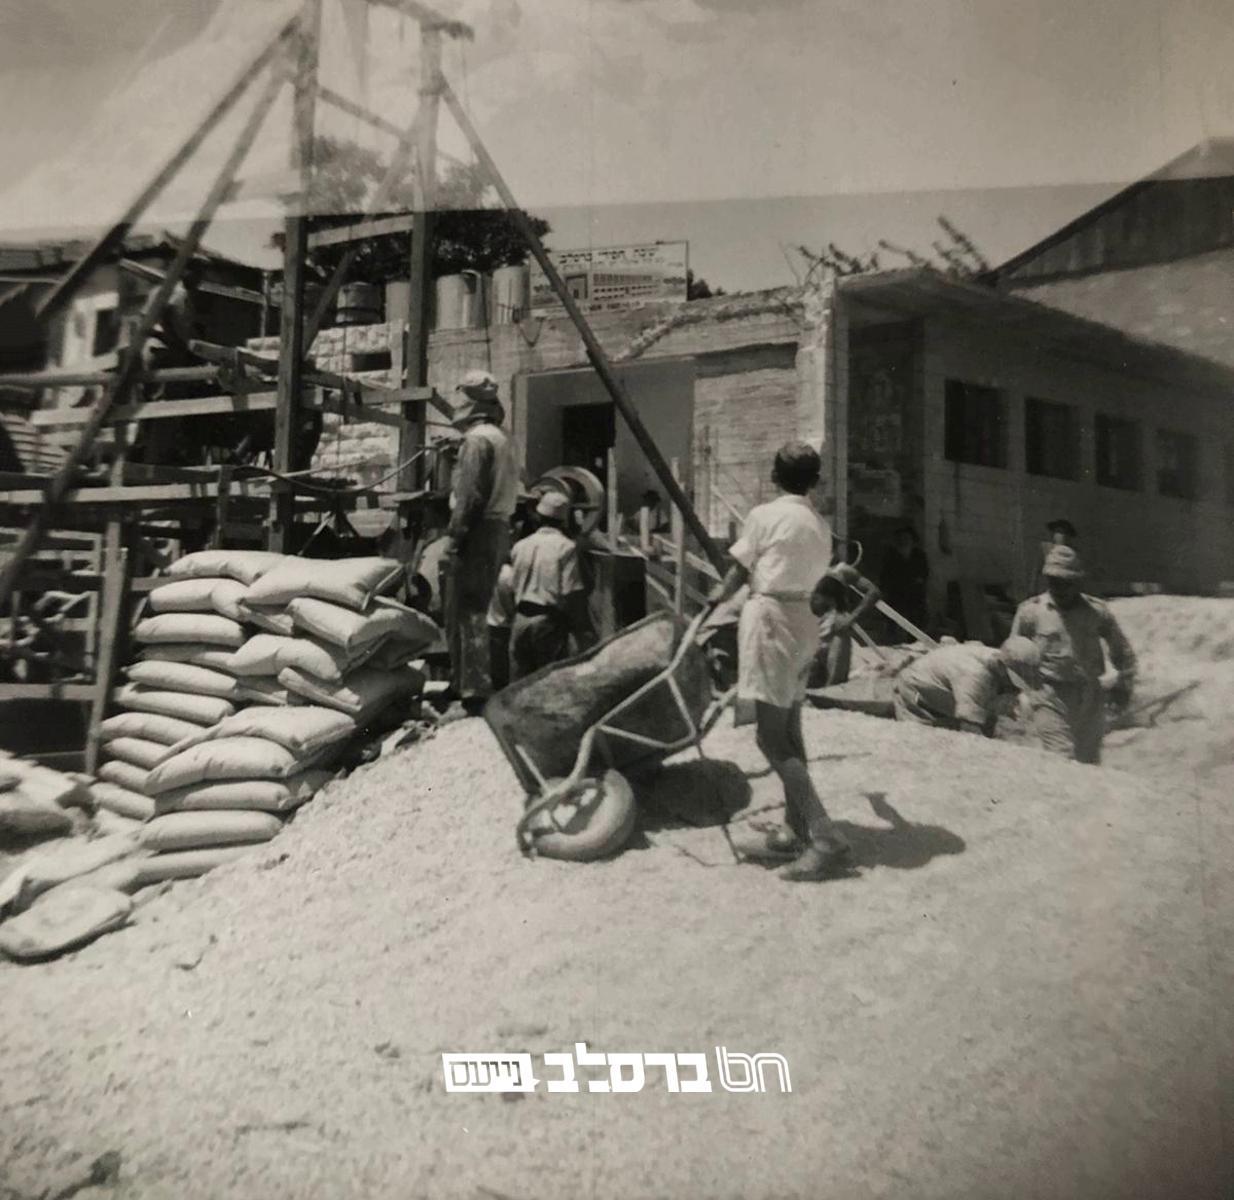 נוסטלגיה • גלרית תמונות של בניית בית הכנסת הגדול דחסידי ברסלב (השול) בירושלים